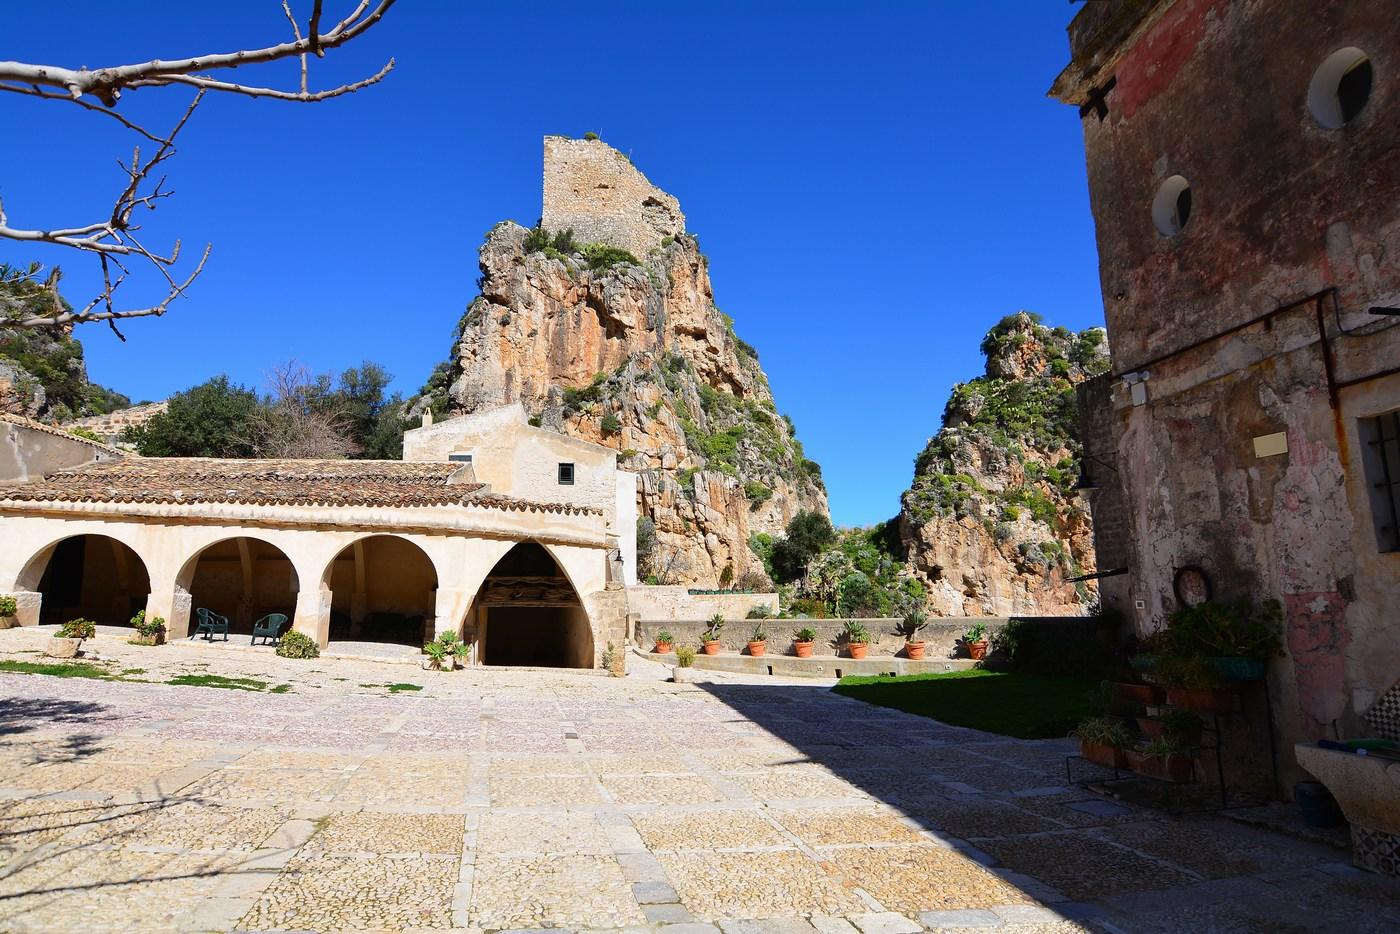 La cour est dominée par les ruines de la forteresse, remontant pour celle-ci au XVème siècle.